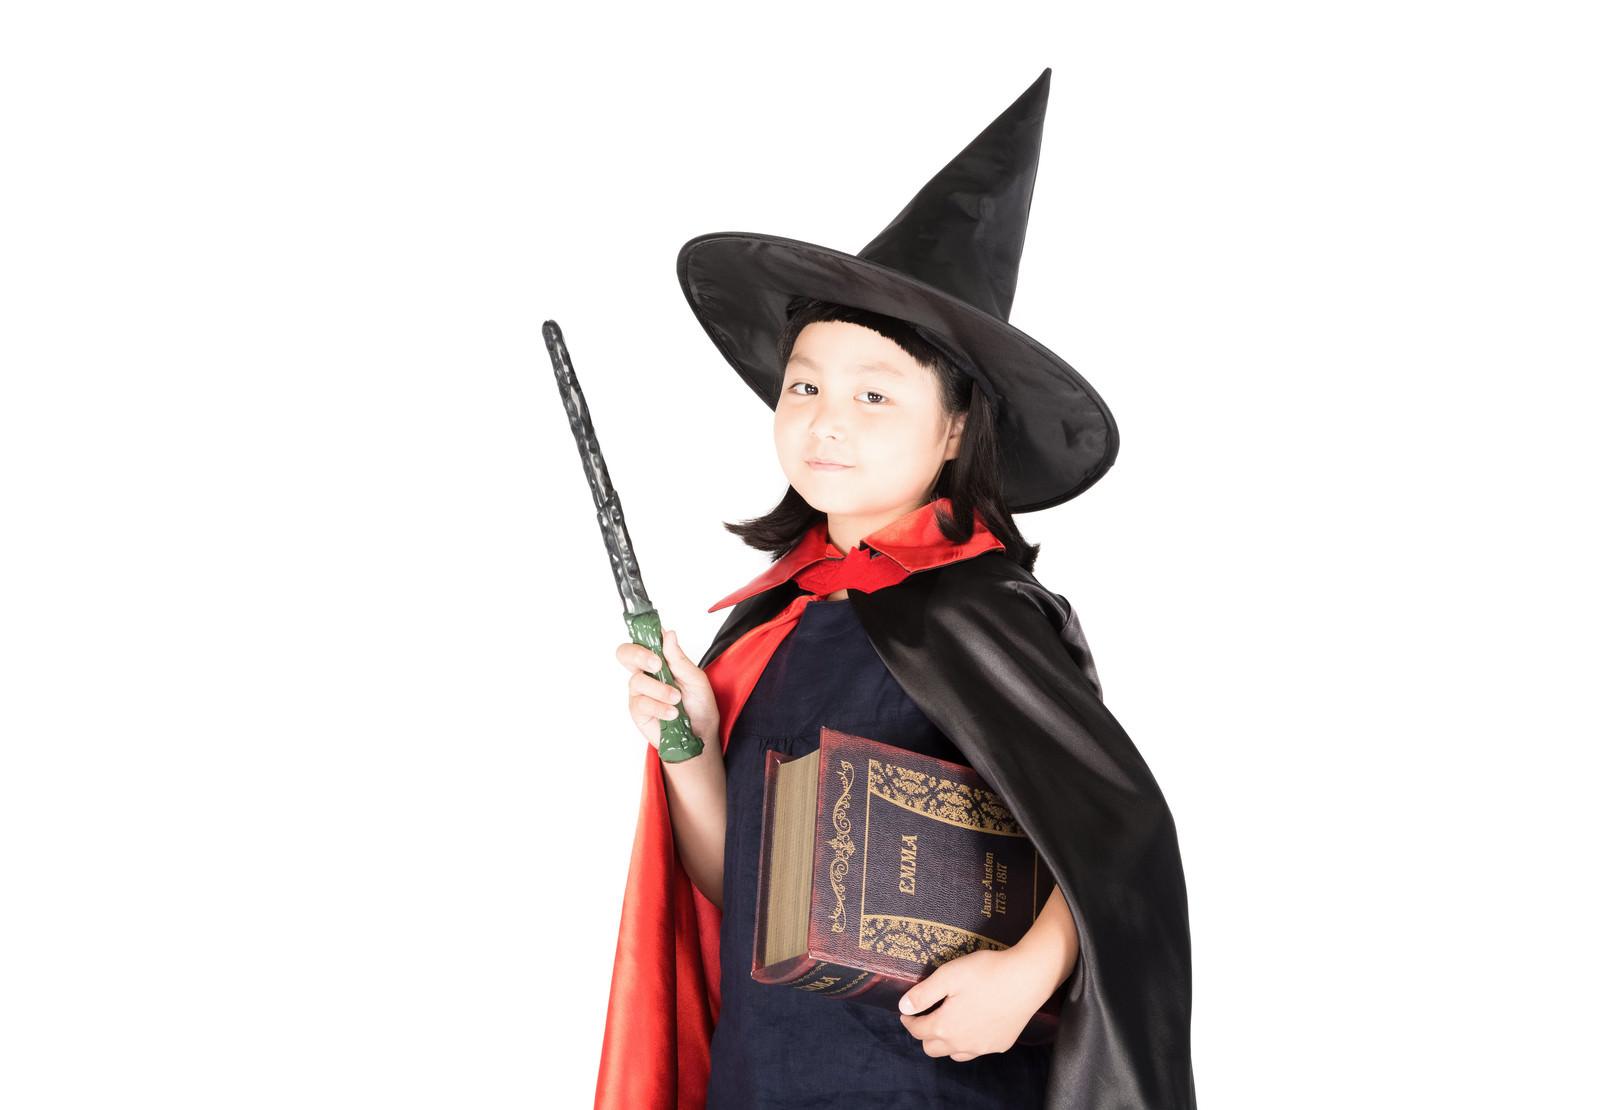 「魔法学校初等部魔法学校初等部」[モデル:ゆうき]のフリー写真素材を拡大